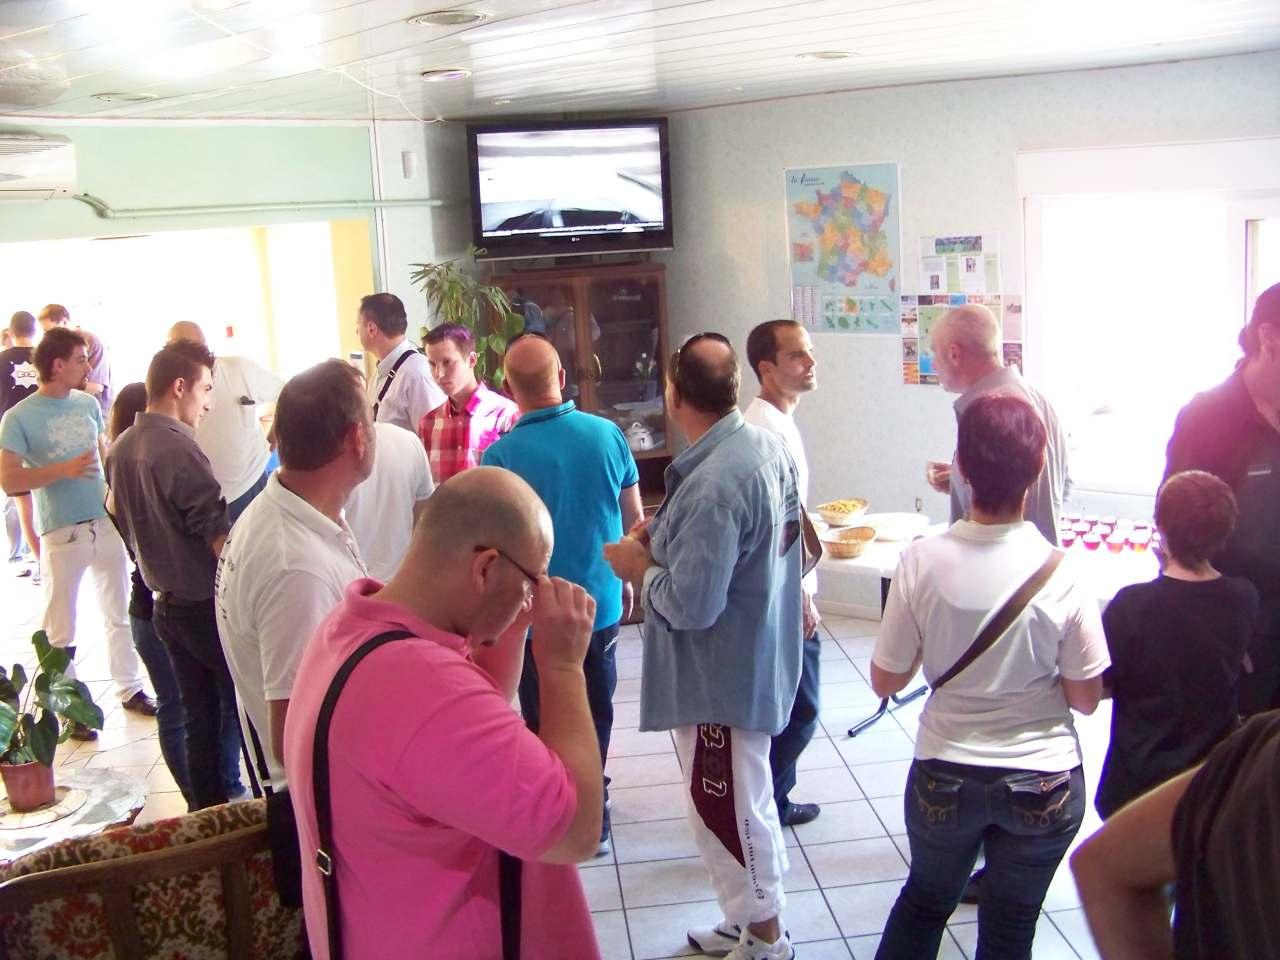 [Rasso] 22 Septembre 2012 - Rassemblement Dans Le Sud De La France (Orgon) Orgon-120922-046